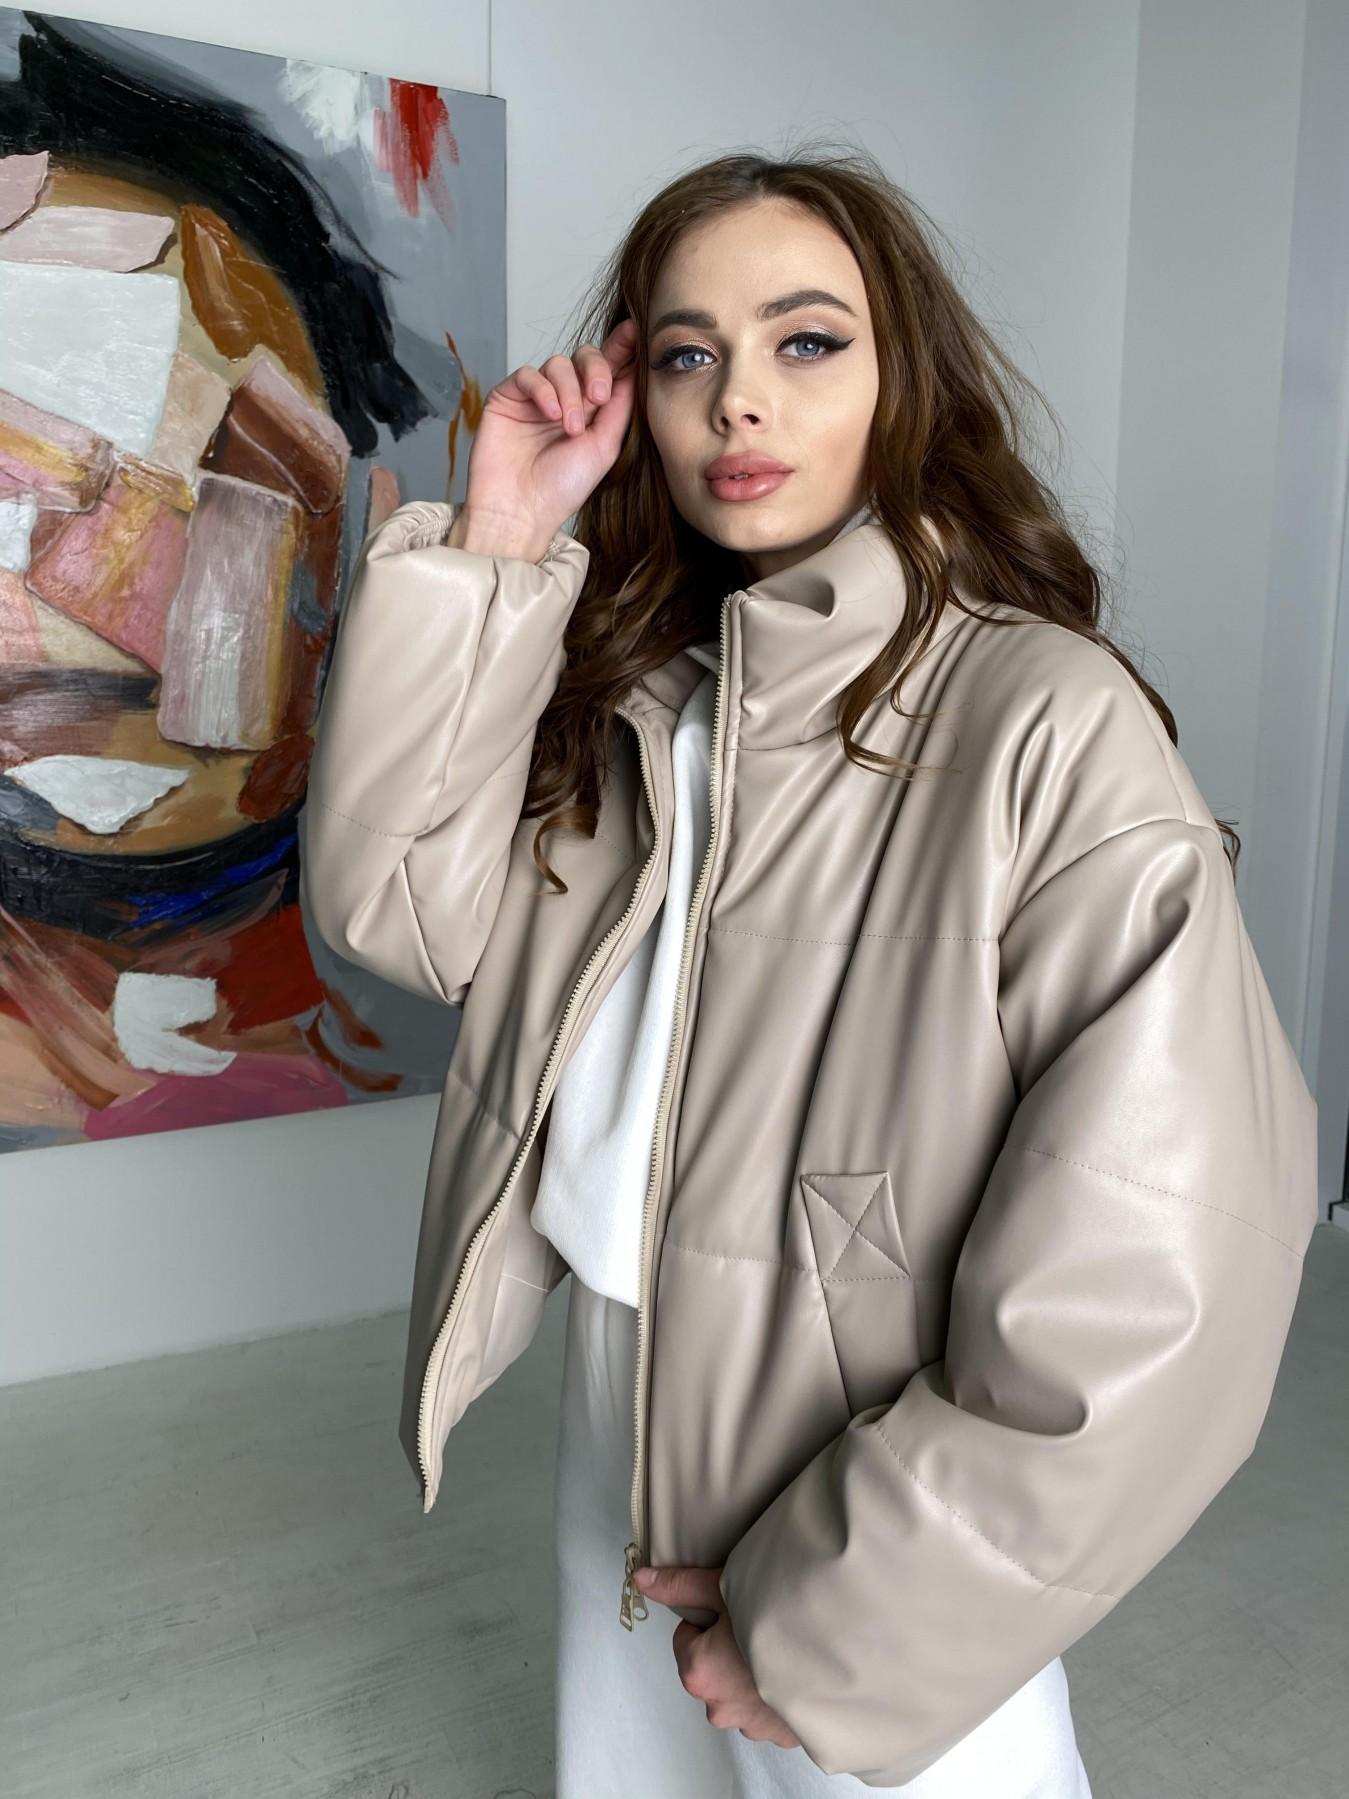 Драйв куртка из  экокожи  10499 АРТ. 46844 Цвет: Бежевый 2 - фото 6, интернет магазин tm-modus.ru